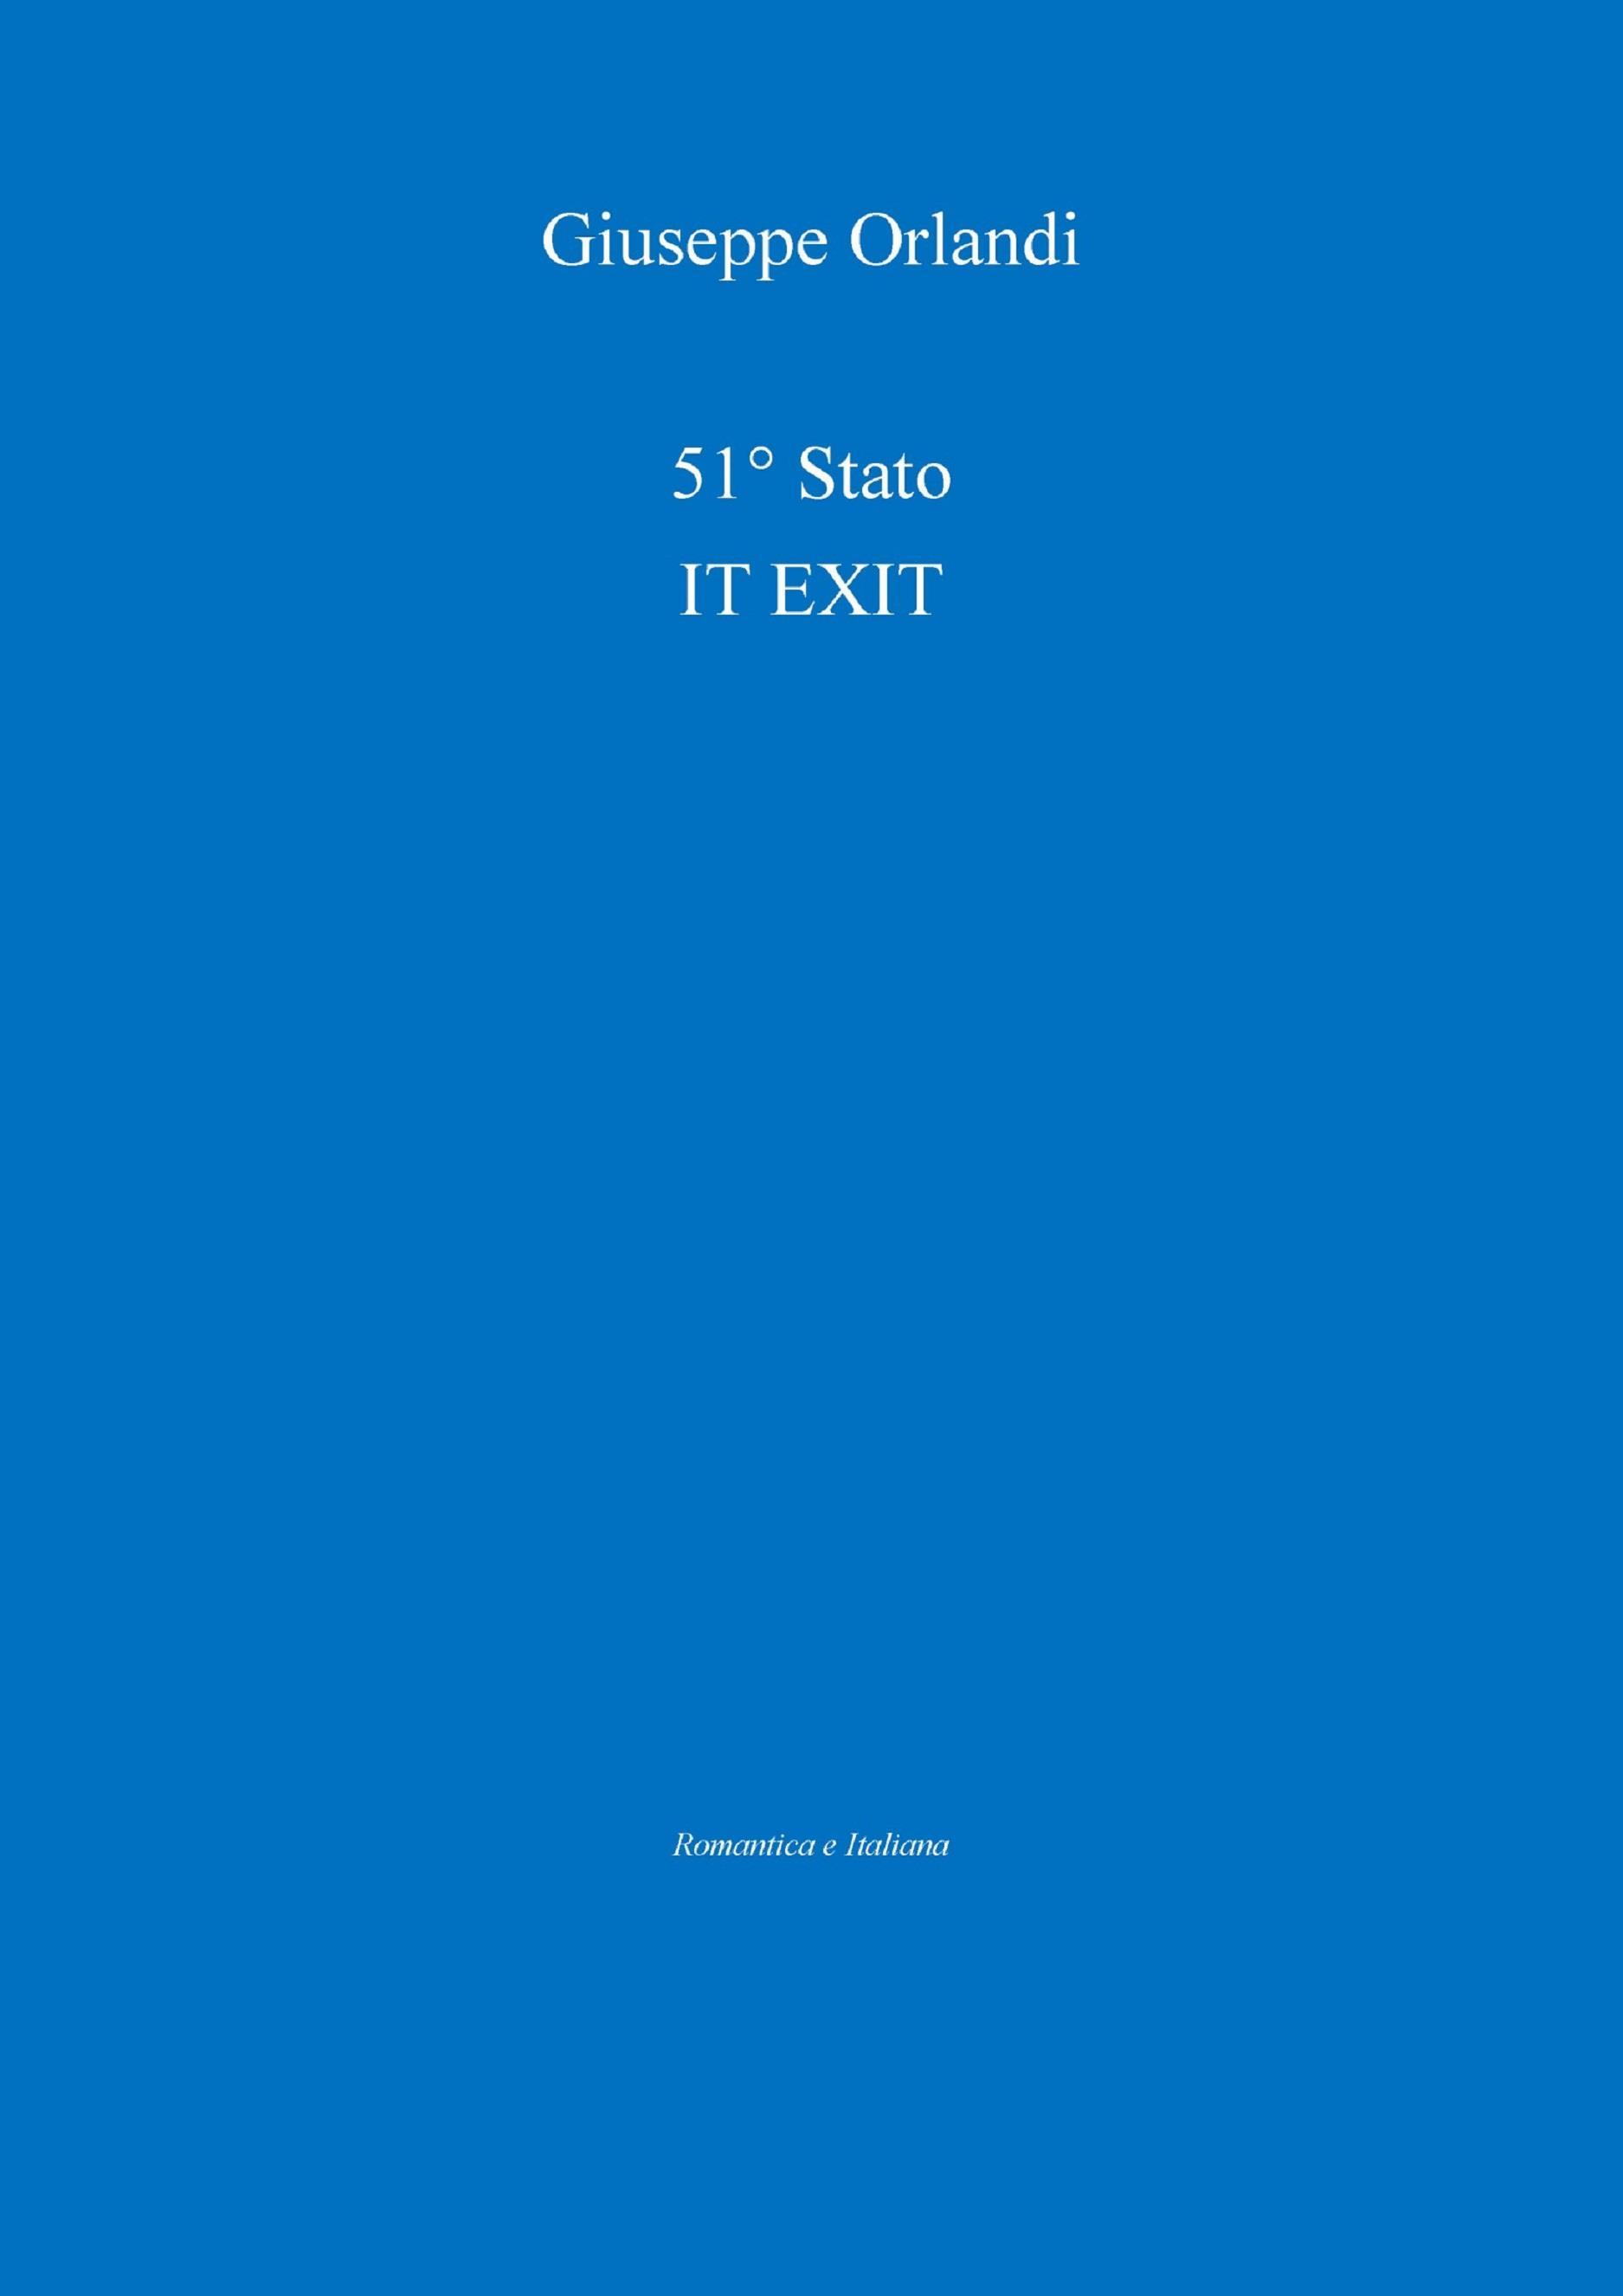 51° Stato